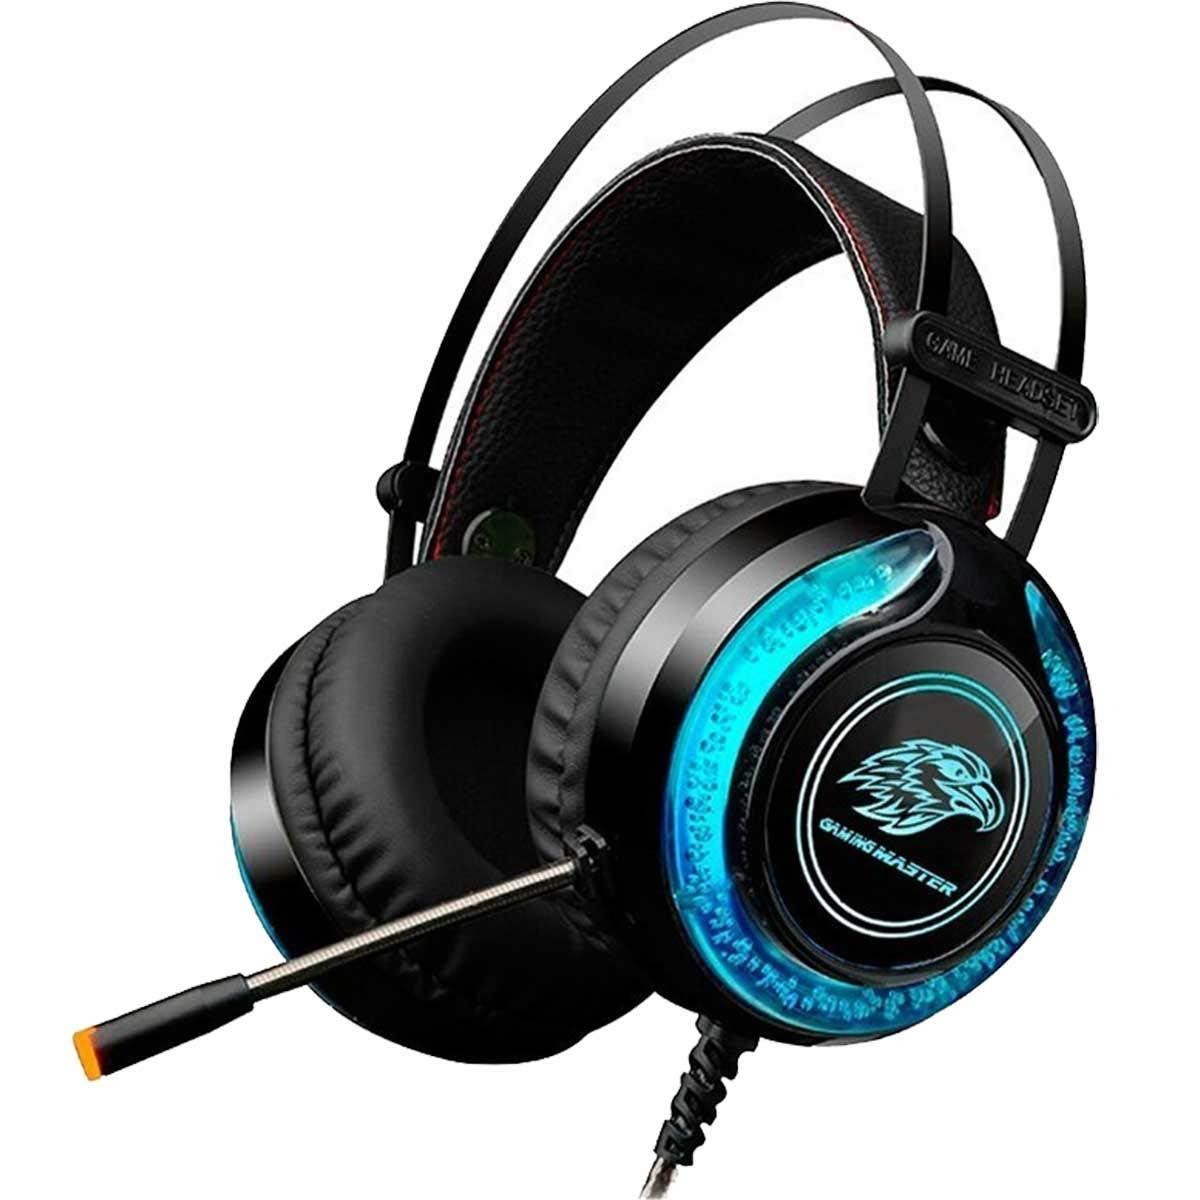 Audífonos de diadema K-MEX ARS9 Regalía